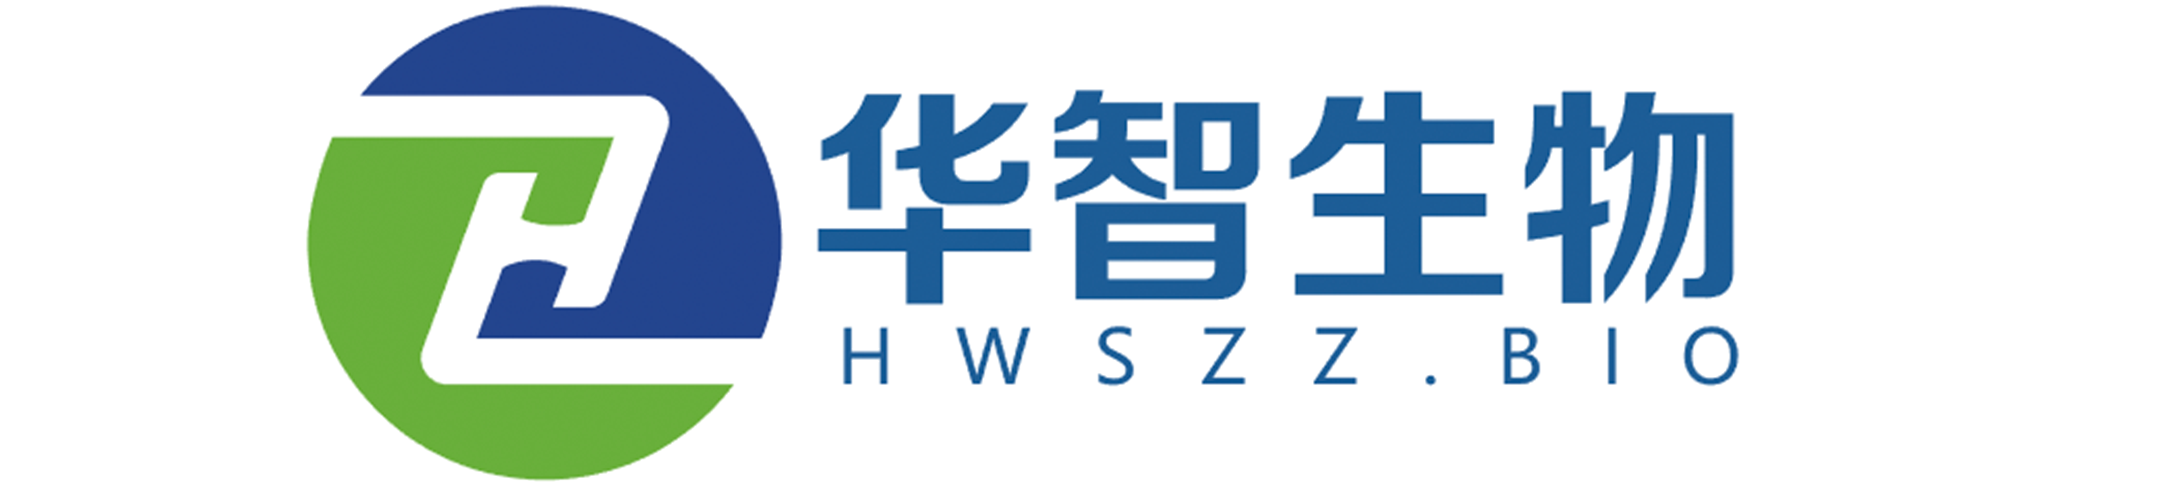 頸椎牽引器-河南華智生物科技有限公司